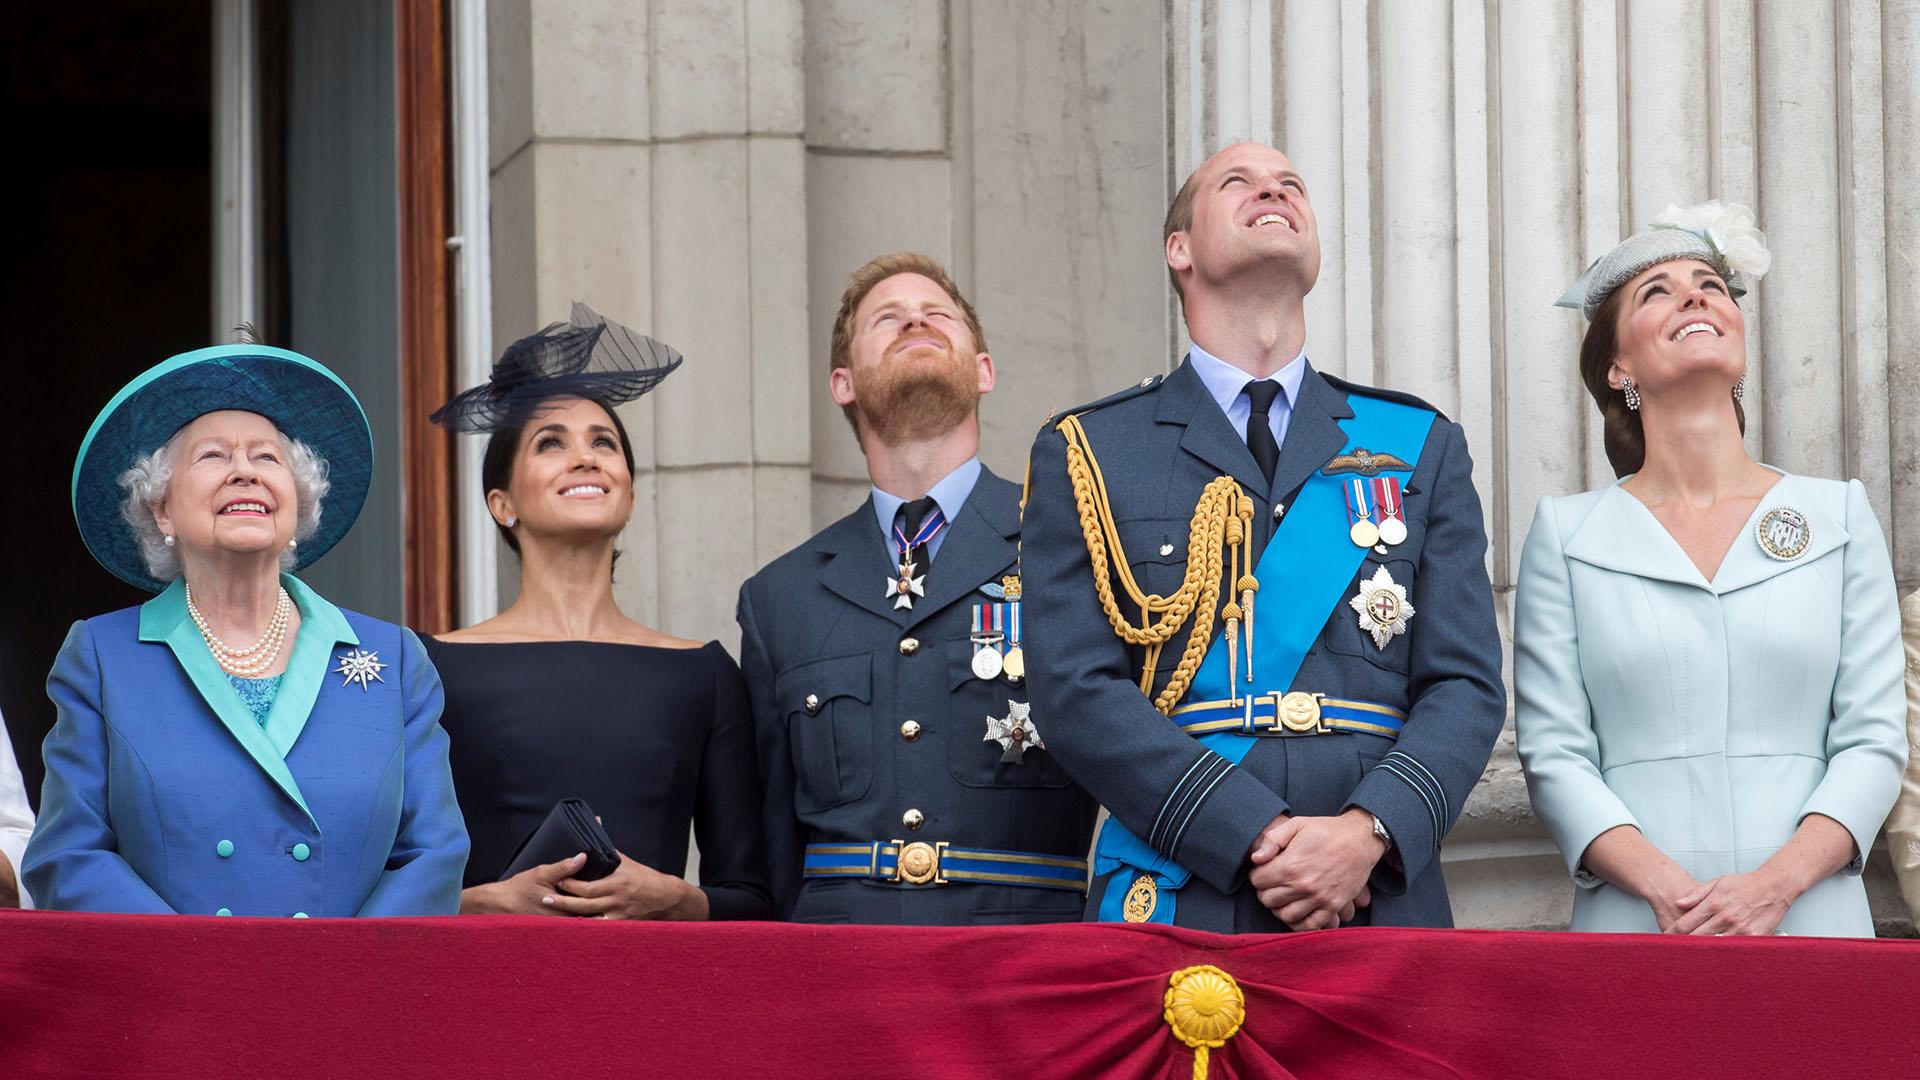 Ambas duquesas observan la demostración aérea, acompañadas por sus maridos y la reina Isabel. Sin embargo, en esta oportunidad, Catalina de Cambridge parece haber ganado este duelo de estilos, ya que su look estuvo más acorde a un evento diurno /// Fotos: Reuters